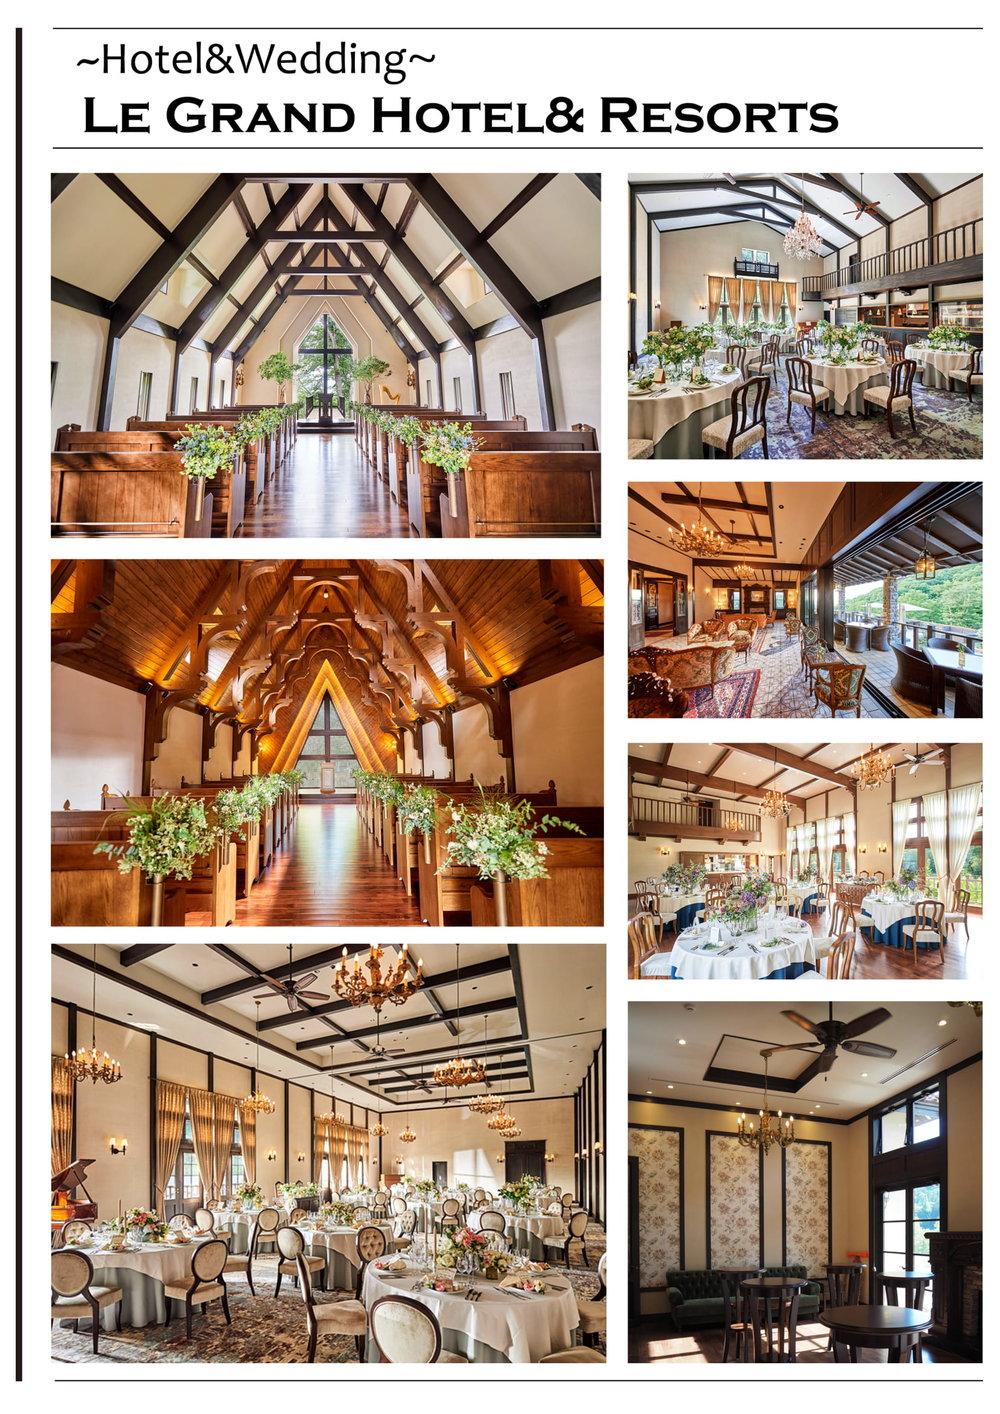 ルグラン 軽井沢 le grand wedding 結婚式 vintage house ヴィンテージハウス 内装 デザイン 店舗 商店建築 bamboomedia